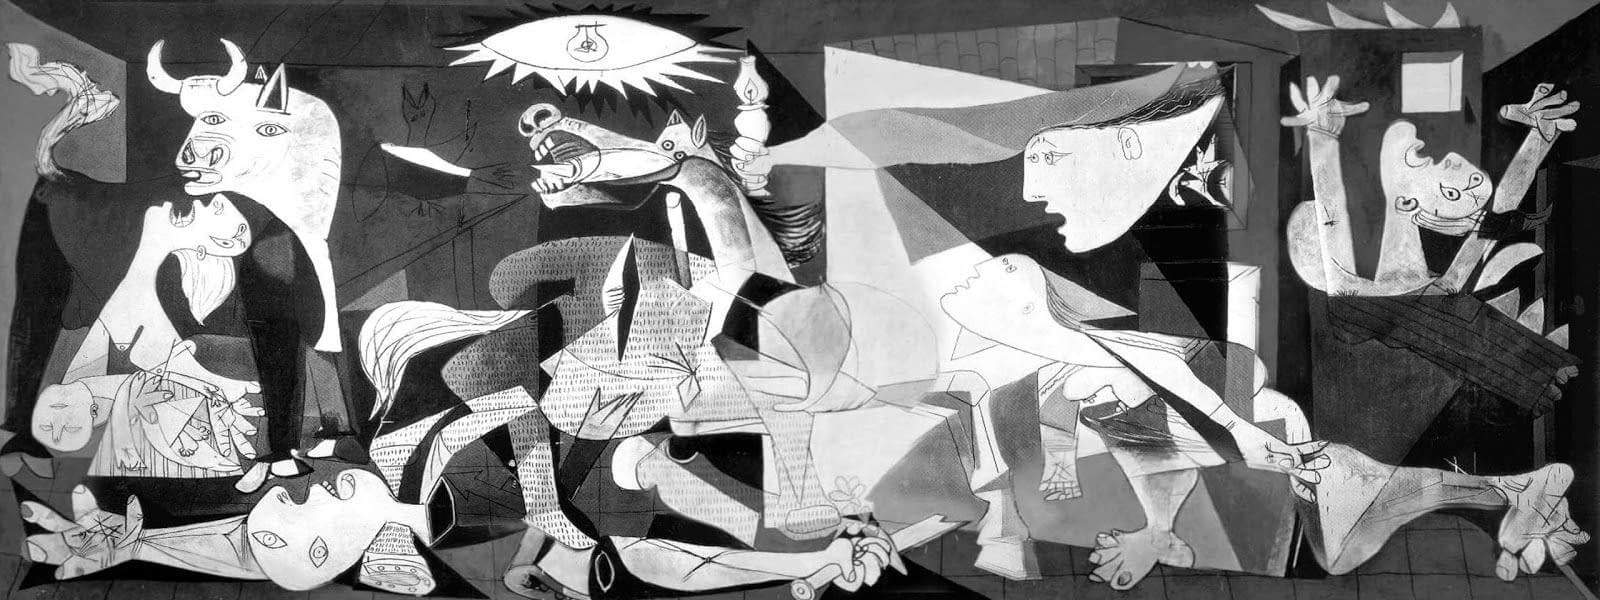 Gernica Pablo Picasso